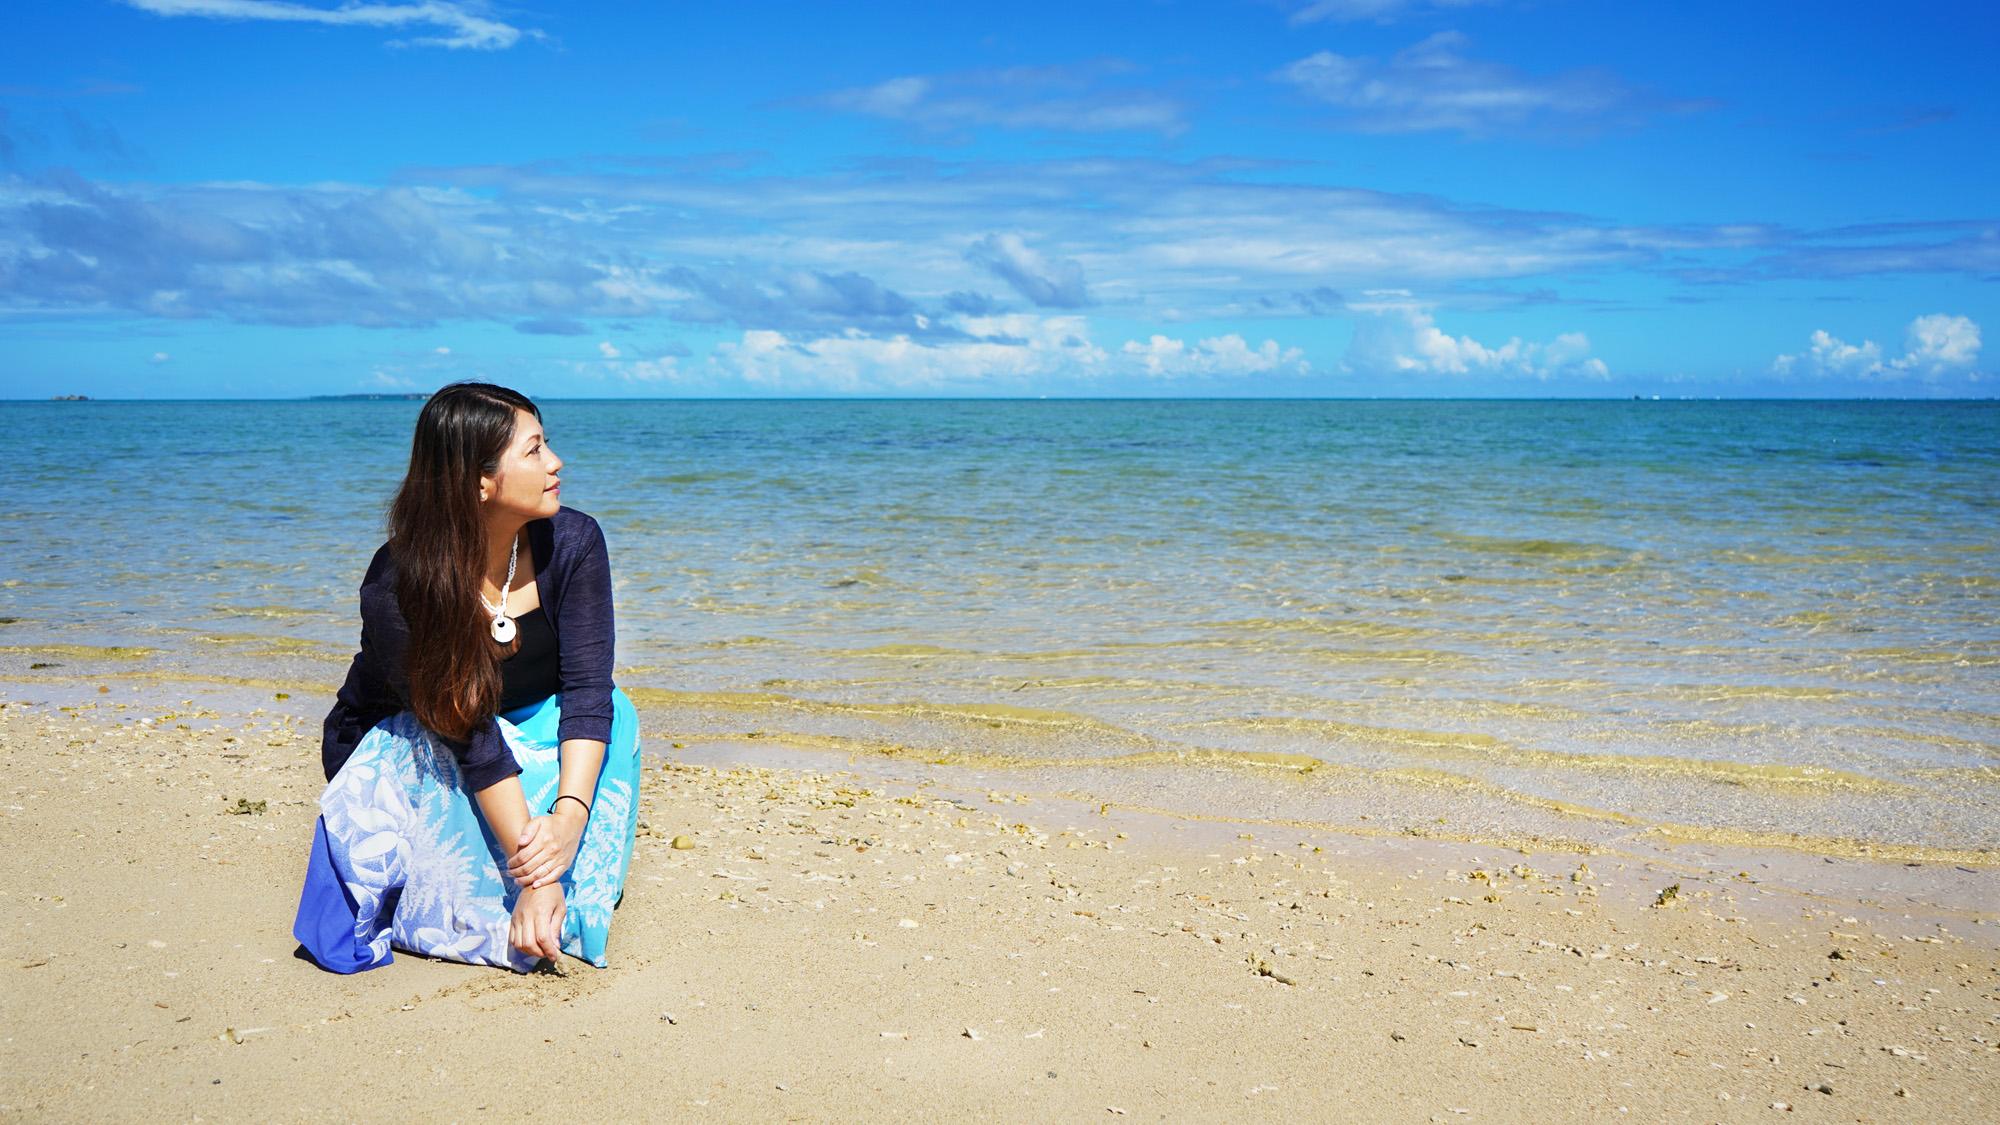 沖縄の写真 南城市撮影 model:tizuko